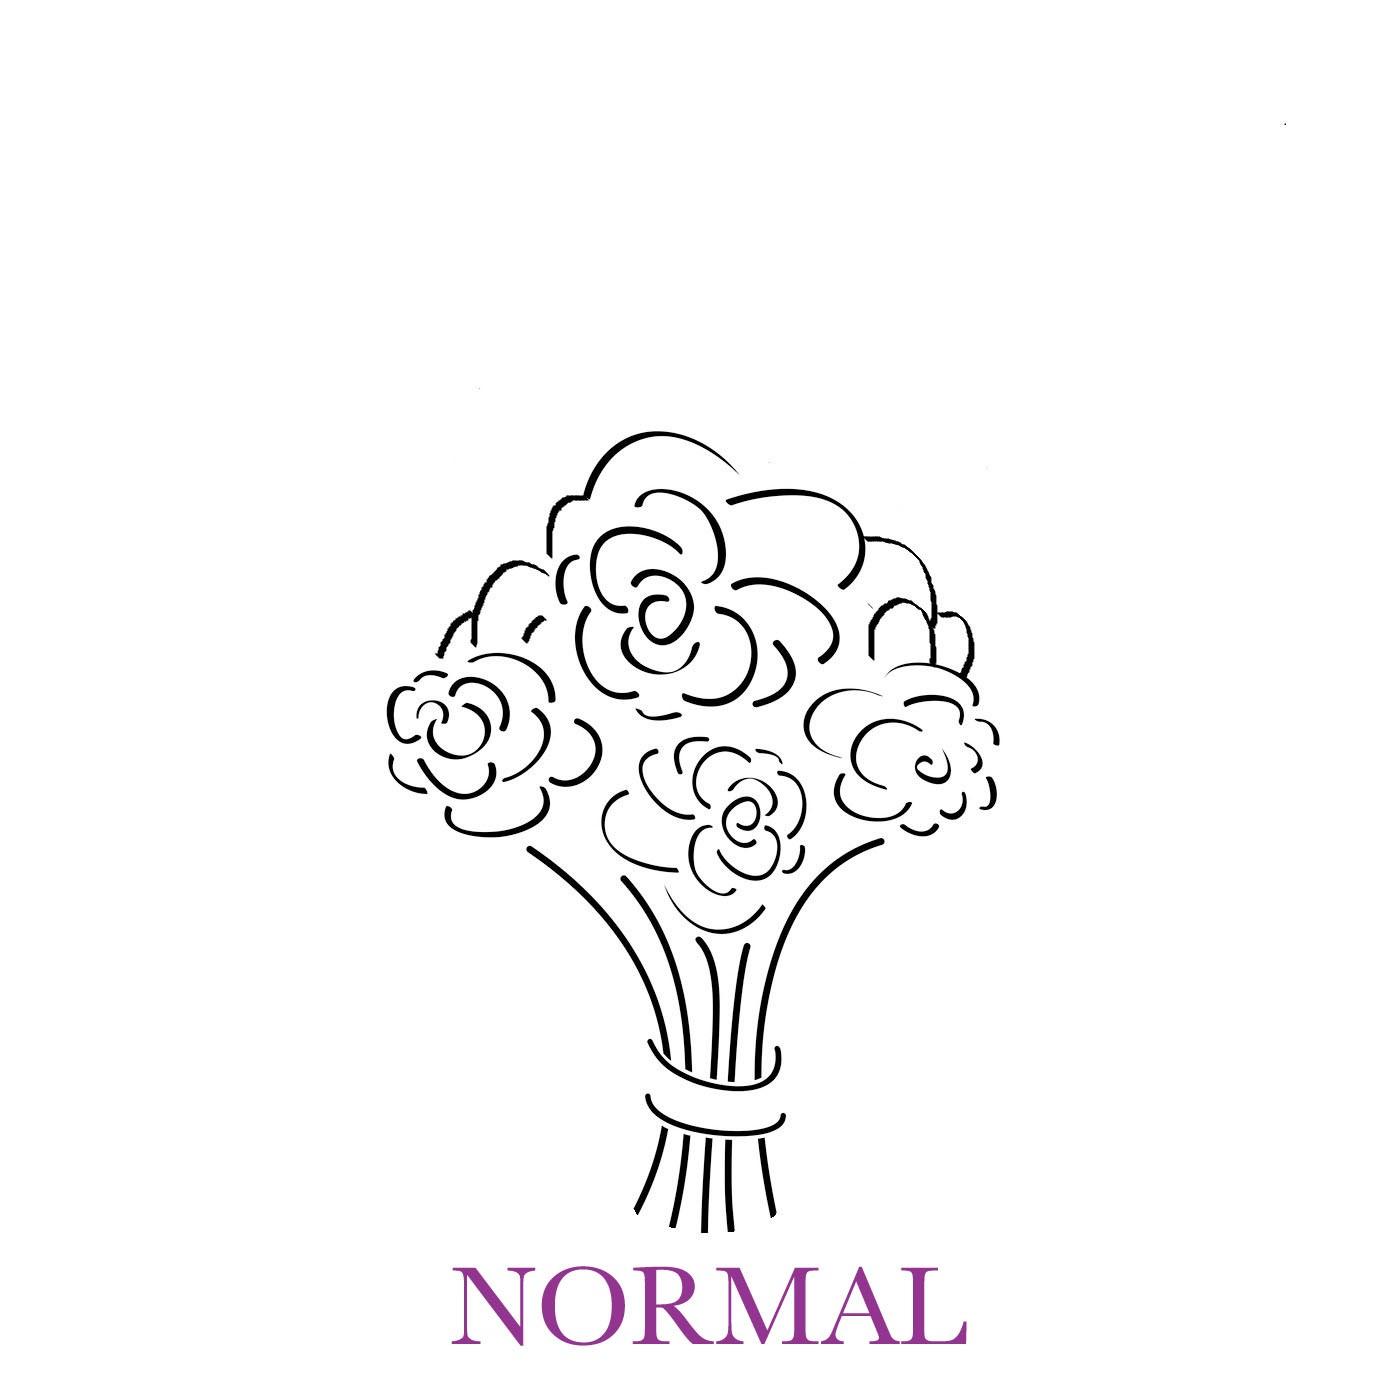 ram normal